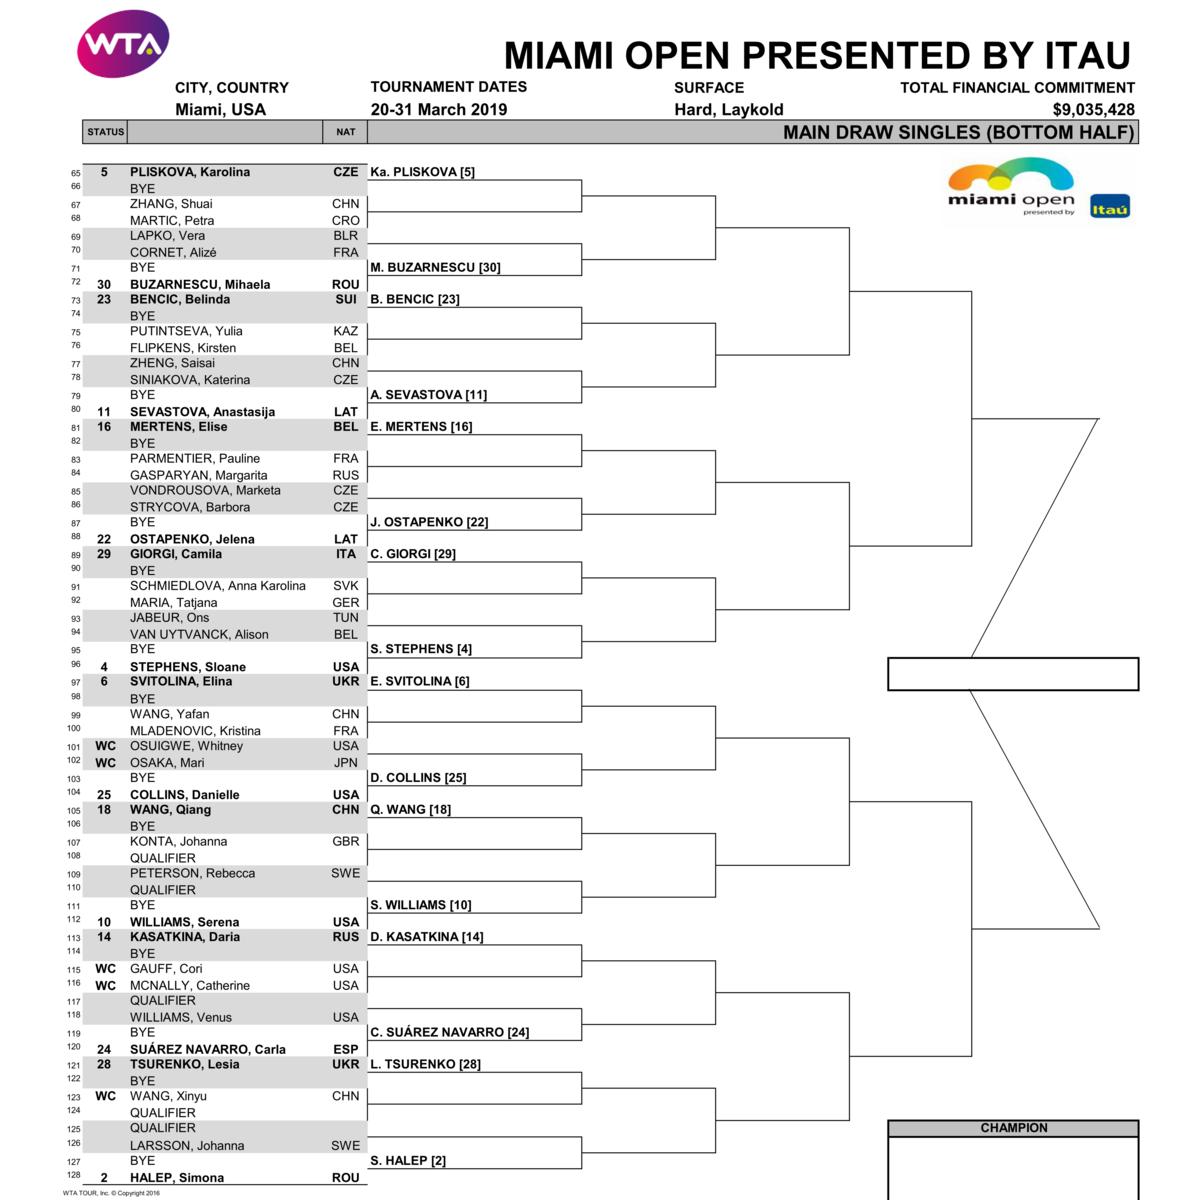 マイアミ・オープン2019女子ドローボトムハーフ